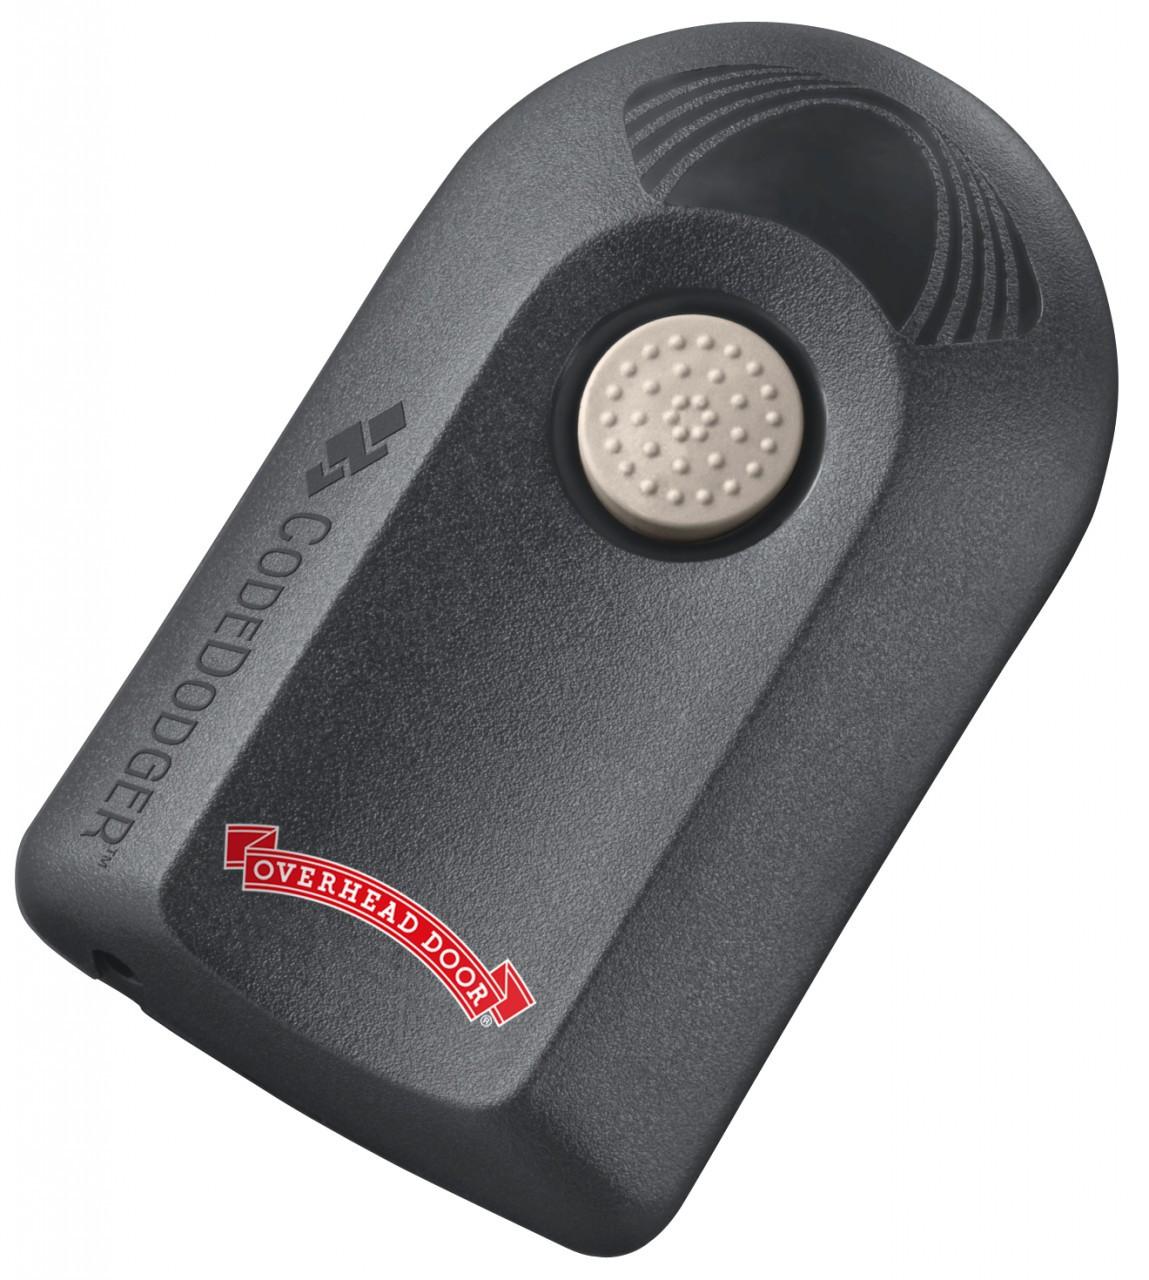 Overhead door code dodger remote control | overhead door parts online.